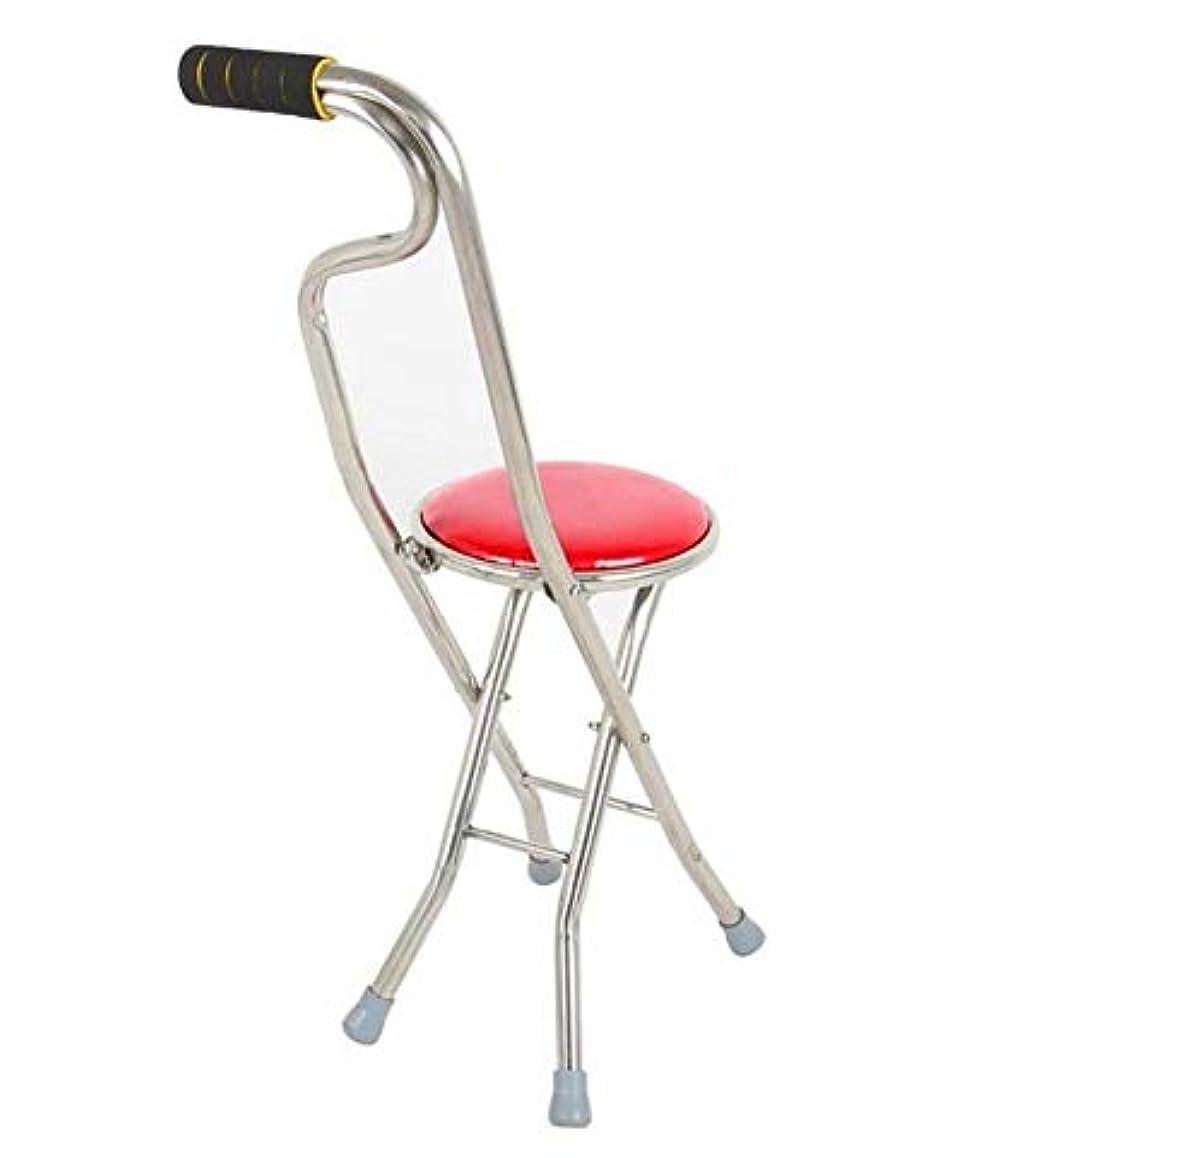 受け取る天井赤松葉杖-松葉杖調節可能な歩行松葉杖折りたたみ旅行杖ウォーキングスティックシートキャンプスツール椅子ハイキングスティック杖 (赤)